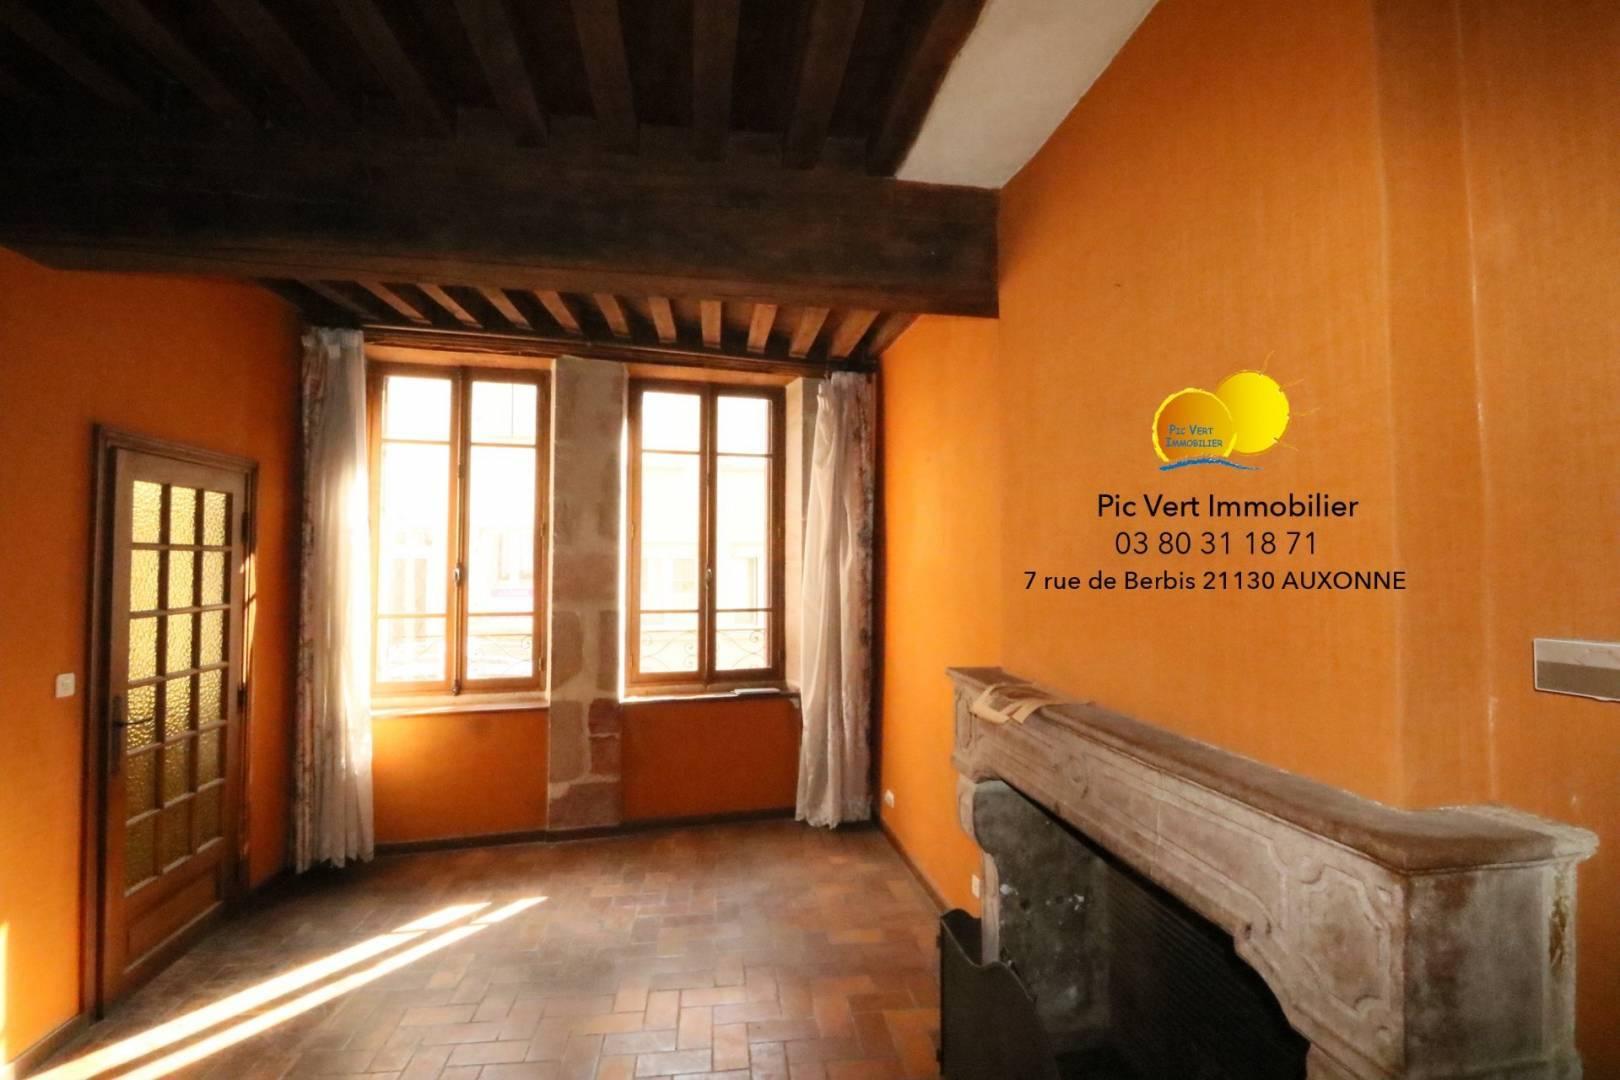 Vente Maison de ville Auxonne